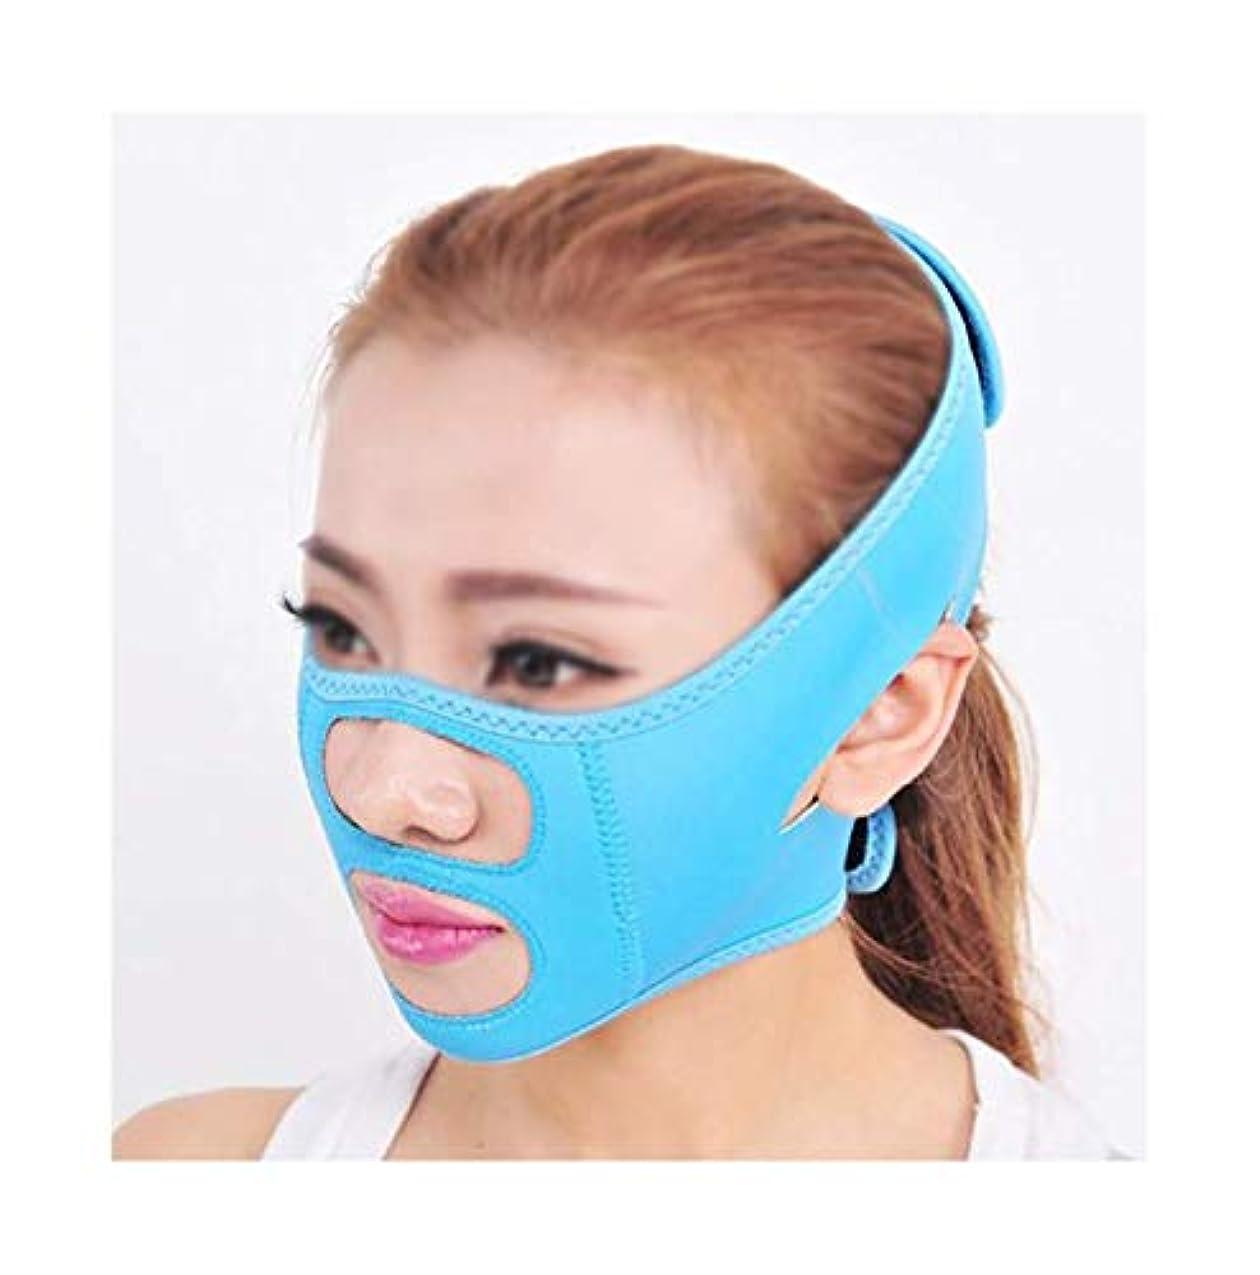 考古学に渡って顎ファーミングフェイスマスク、術後リフティングマスクホーム包帯揺れネットワーク赤女性Vフェイスステッカーストラップ楽器顔アーティファクト(色:青),青